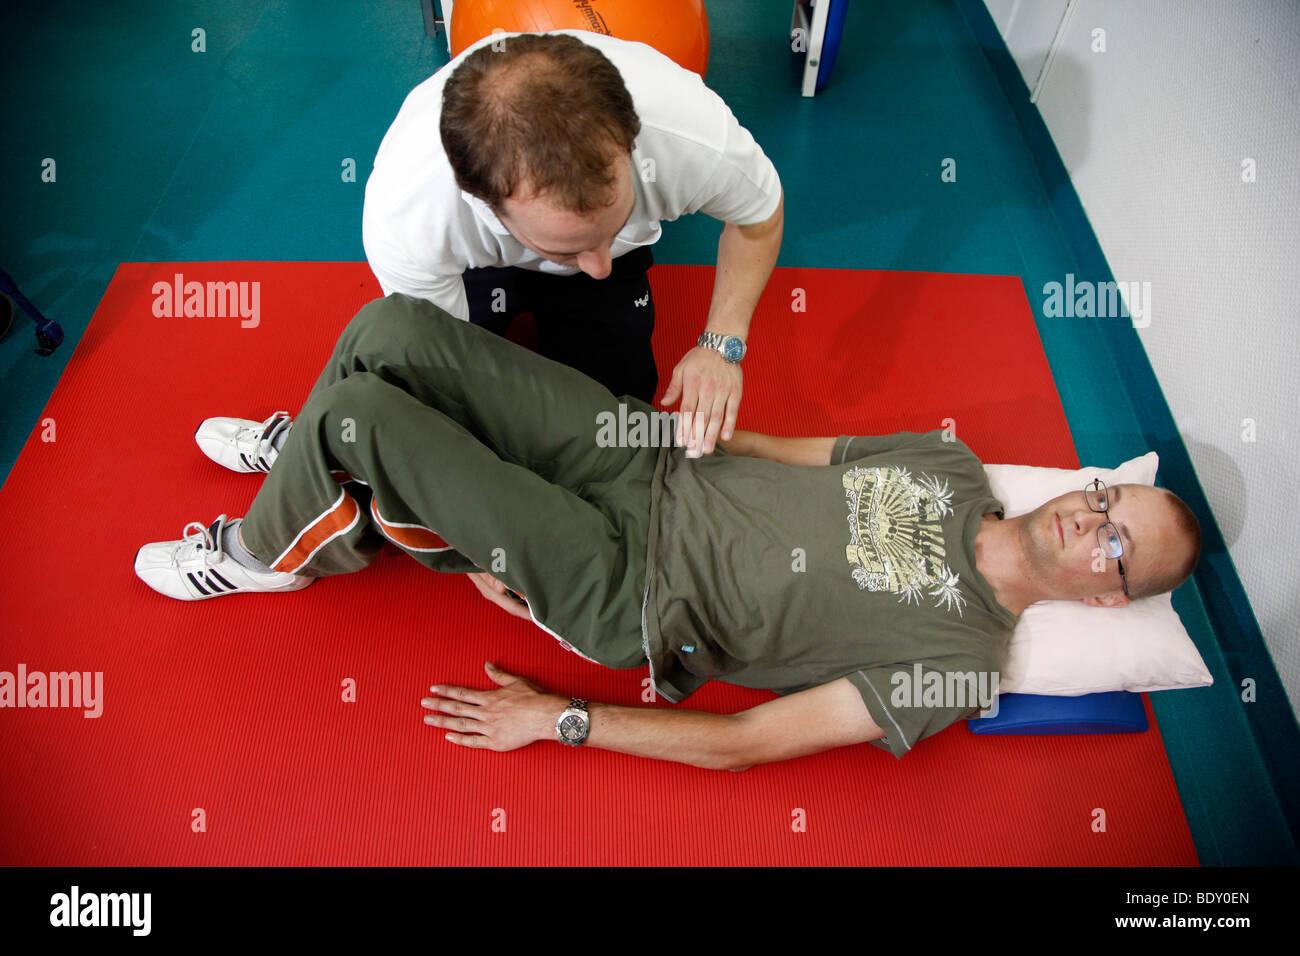 Centro de rehabilitación neurológica, fisioterapia y gimnasia médica, Bonn, Alemania Imagen De Stock